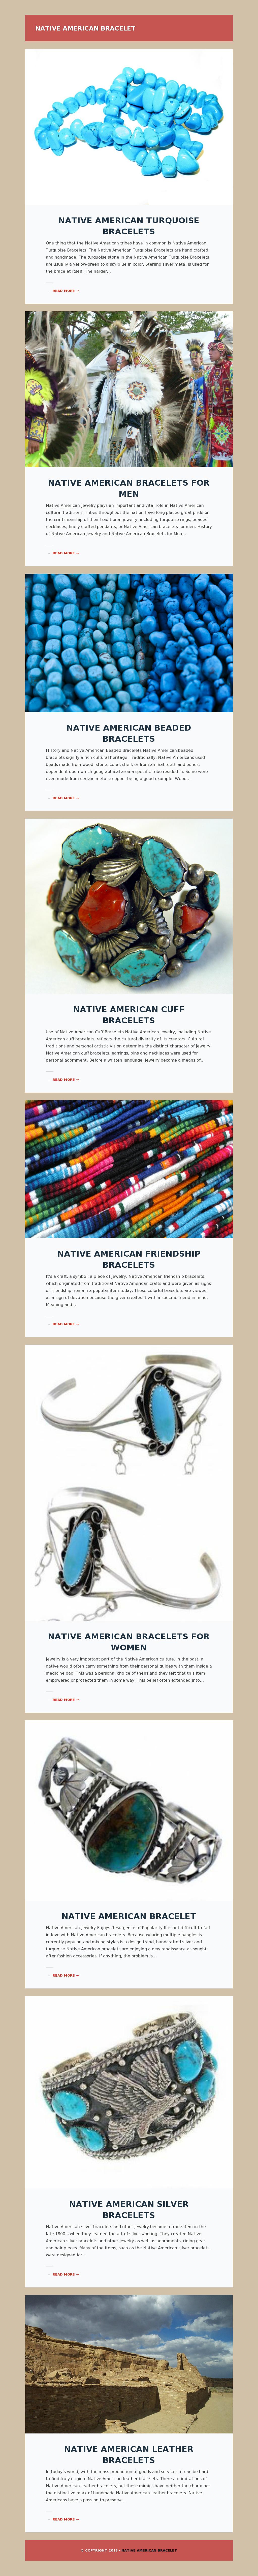 Native American Friendship Bracelets Image Of Bracelet